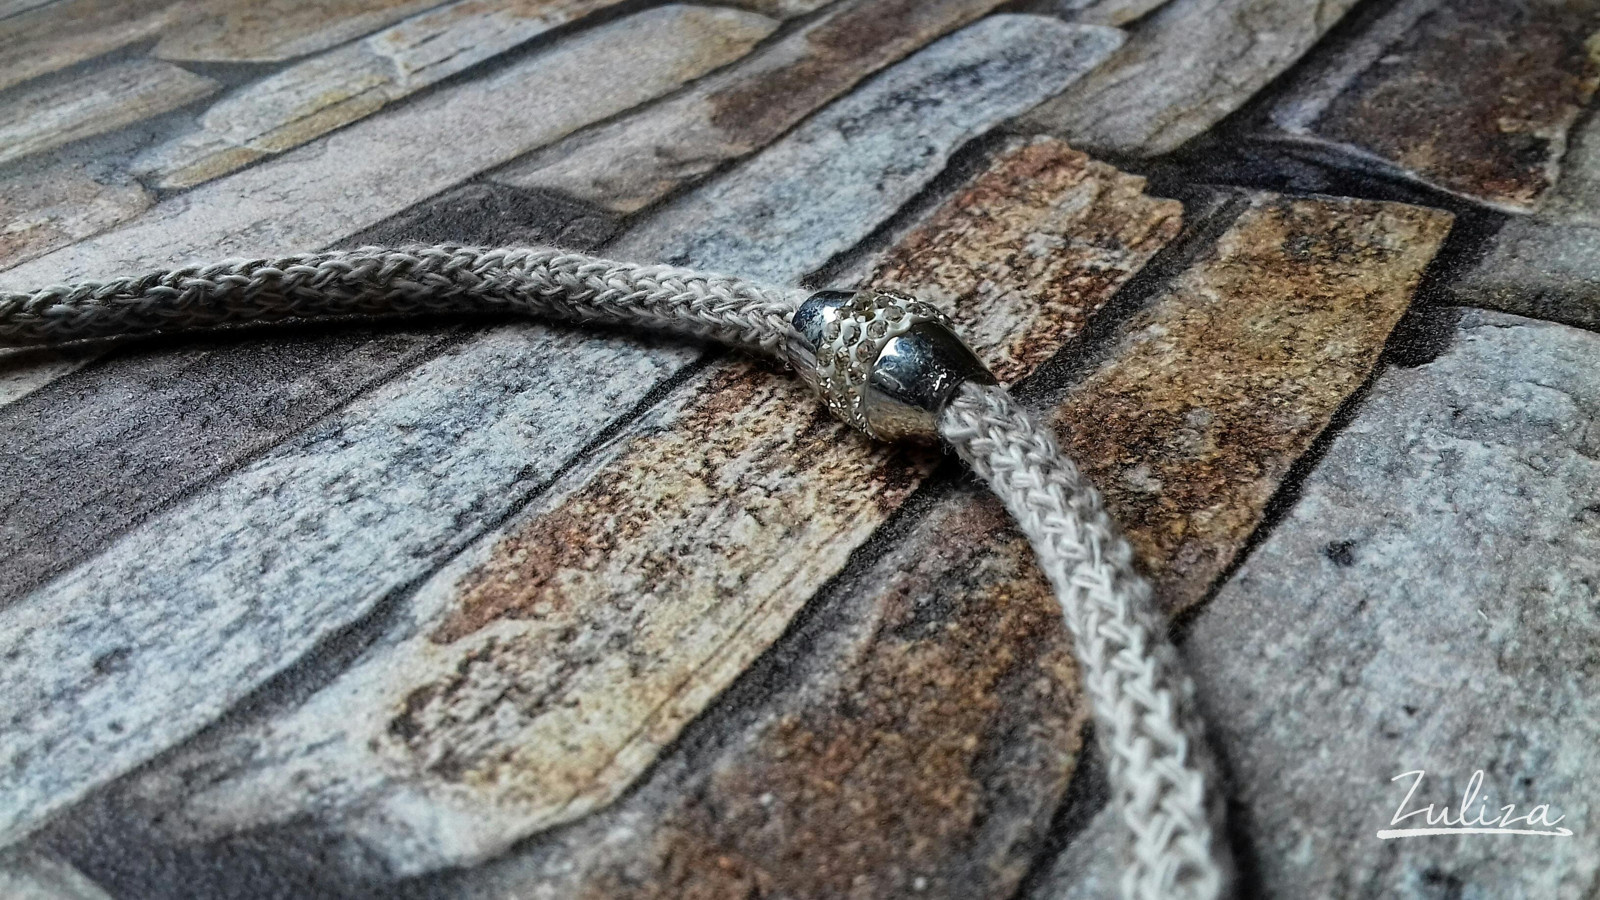 Háčkovaný náhrdelník béžový žíhaný kolekce země Zuliza